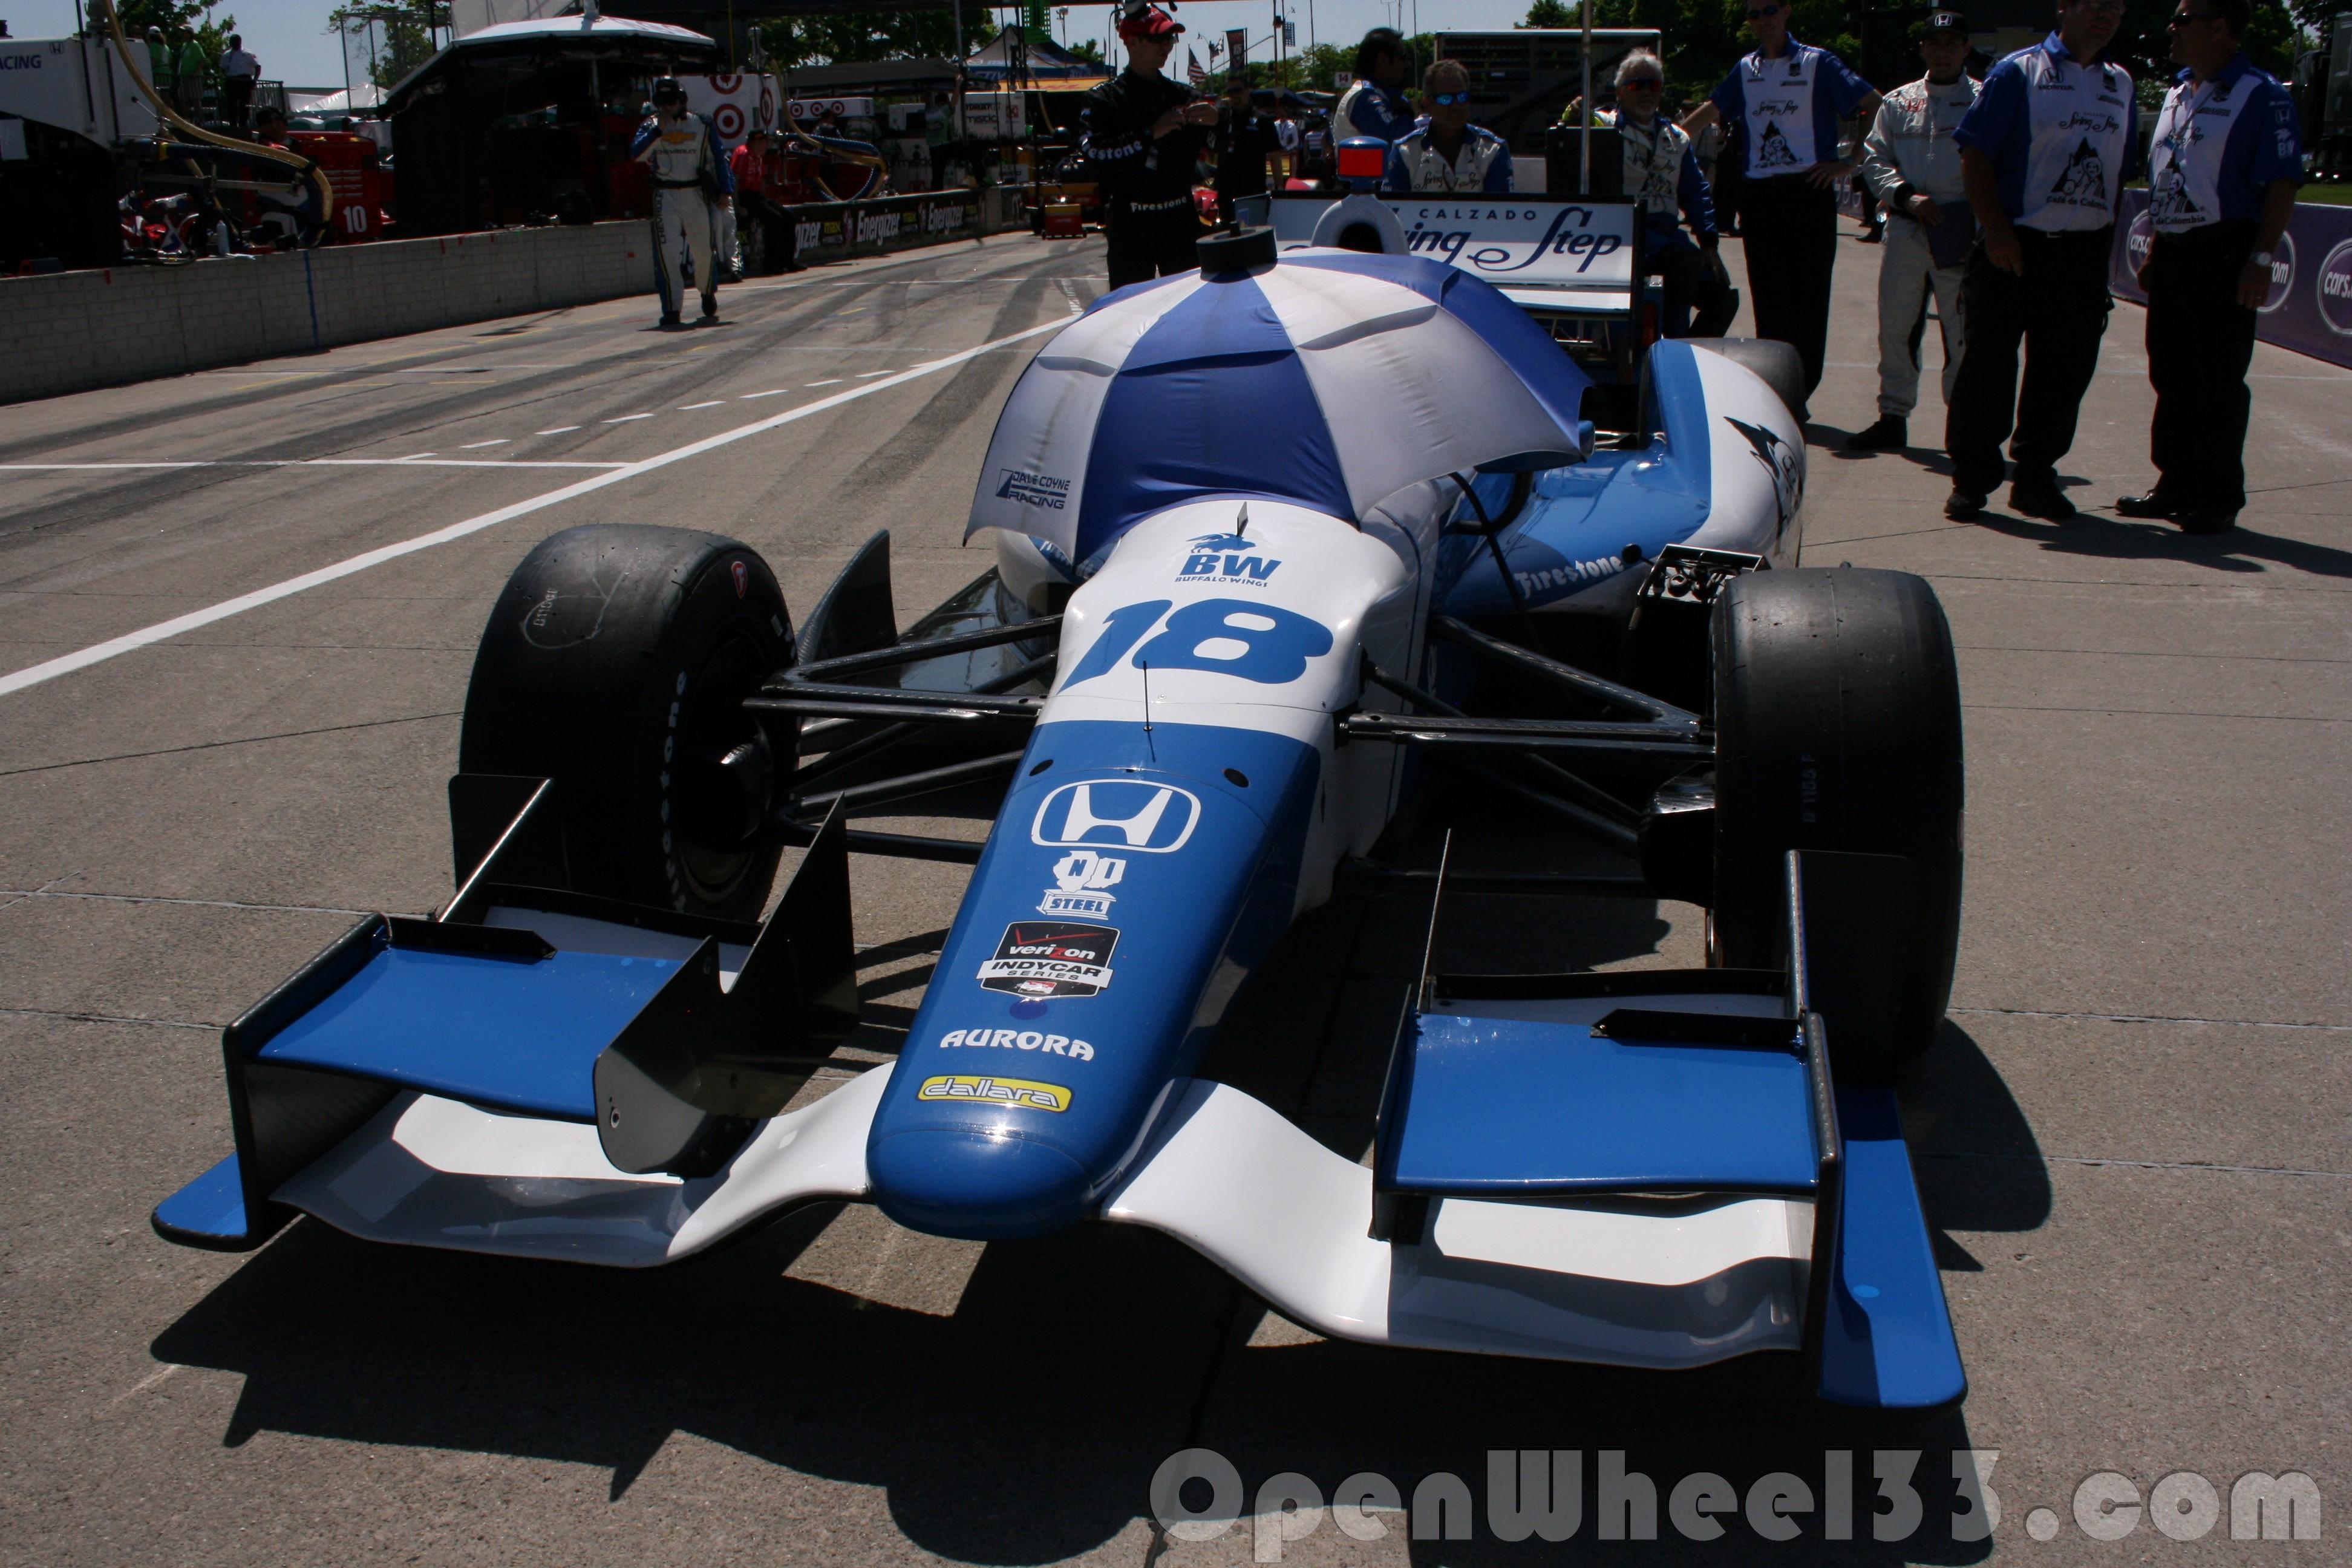 2014 Detroit GP R1 - 14 - PH